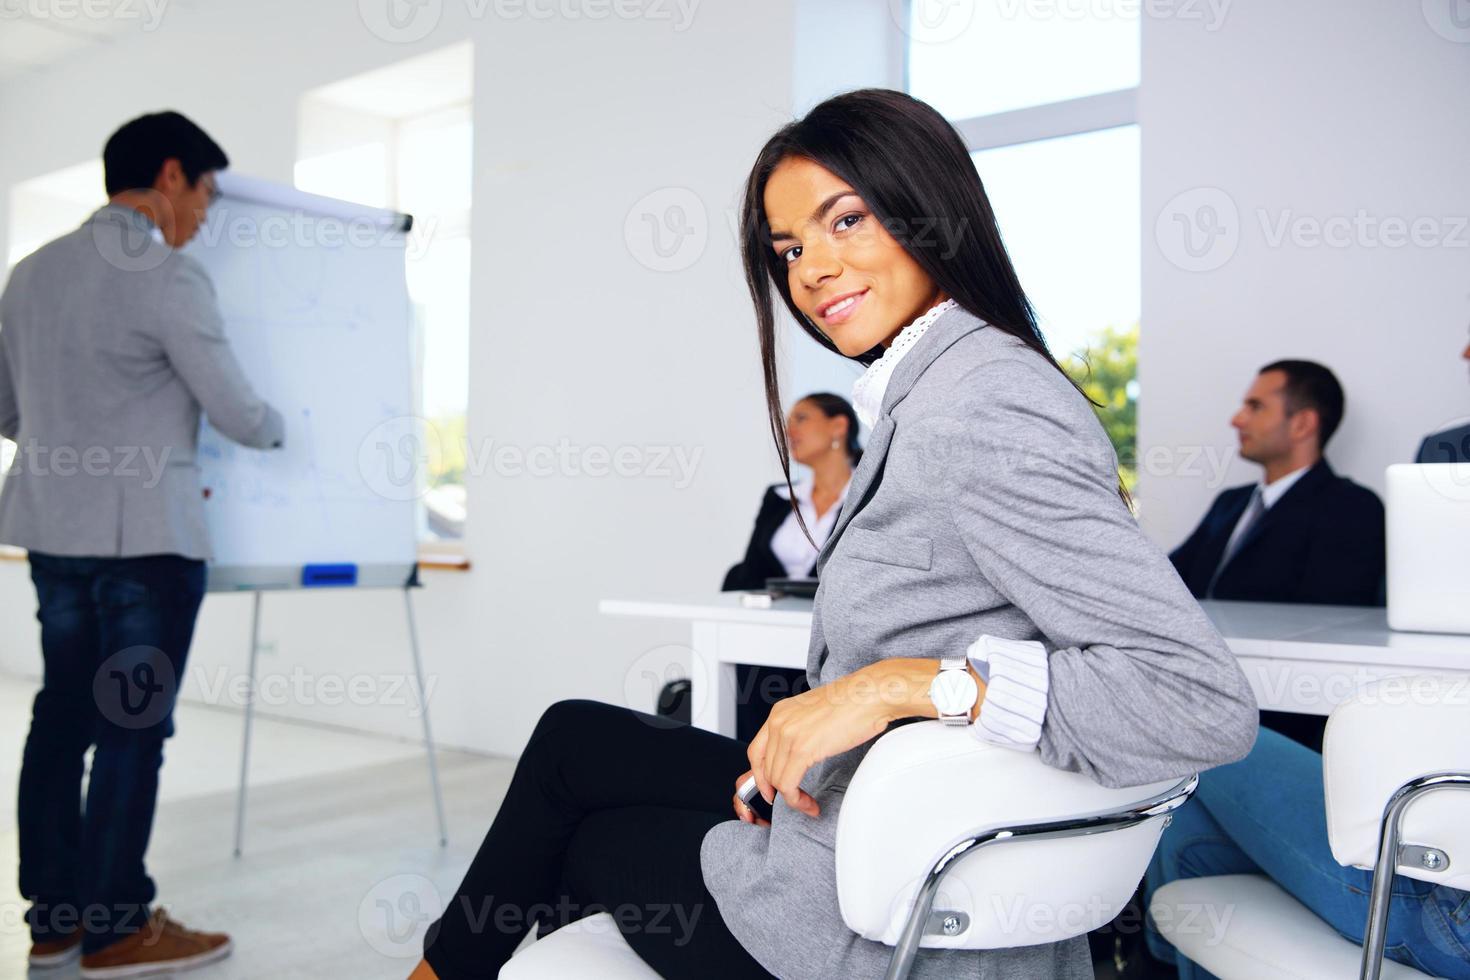 Conferência de negócios. reunião de negócios. foto